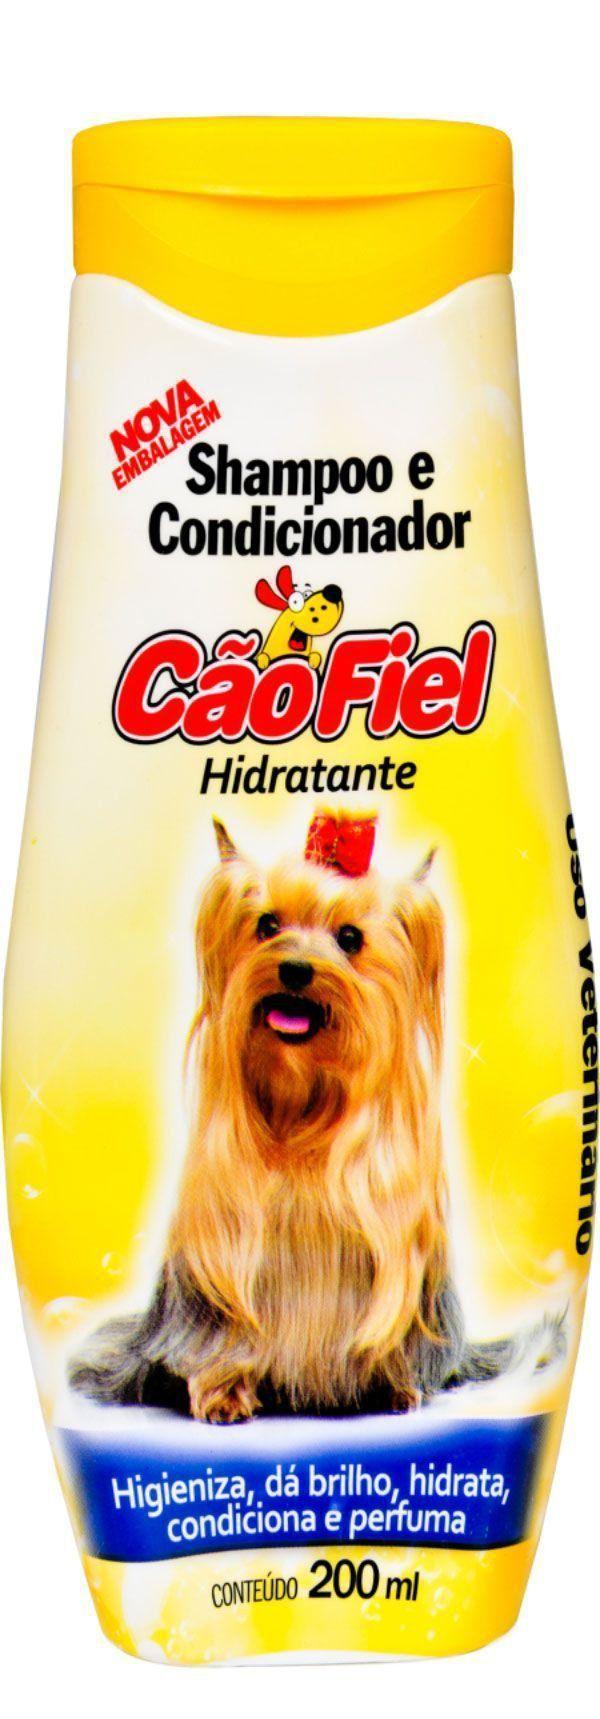 Shampoo e Condicionador Cão Fiel Hidratante - 200 mL